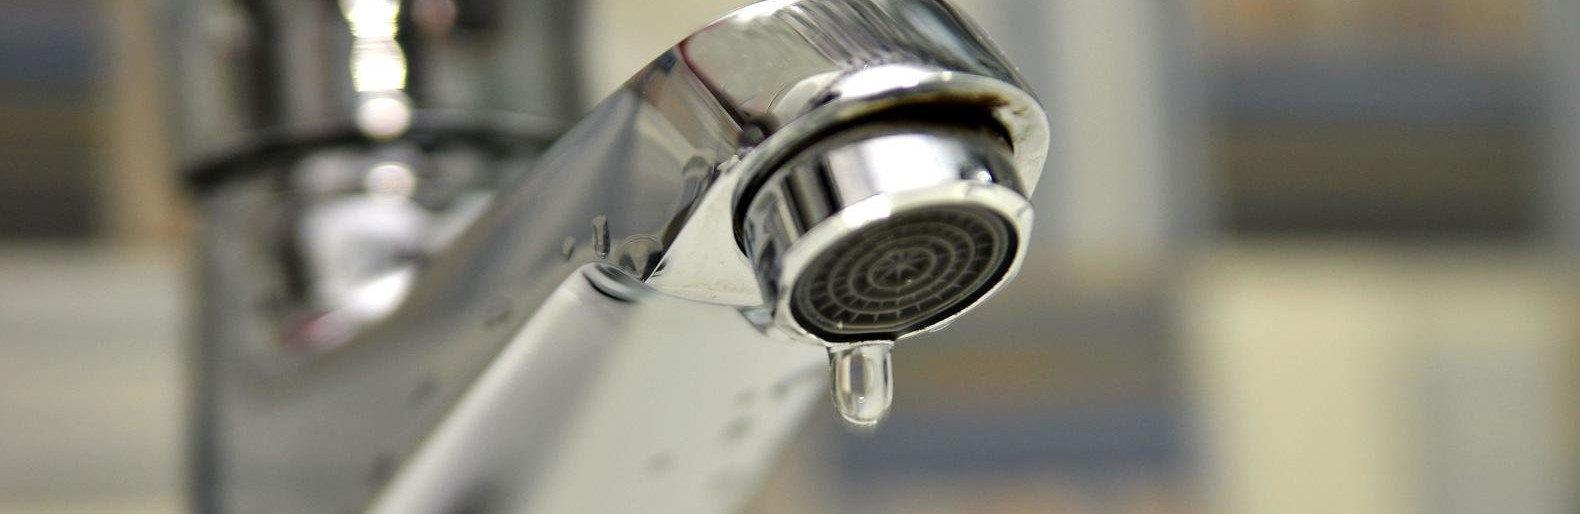 """Запасайтесь водой: одесский """"Инфоксводоканал"""" рассказал, где 2 и 3...0"""